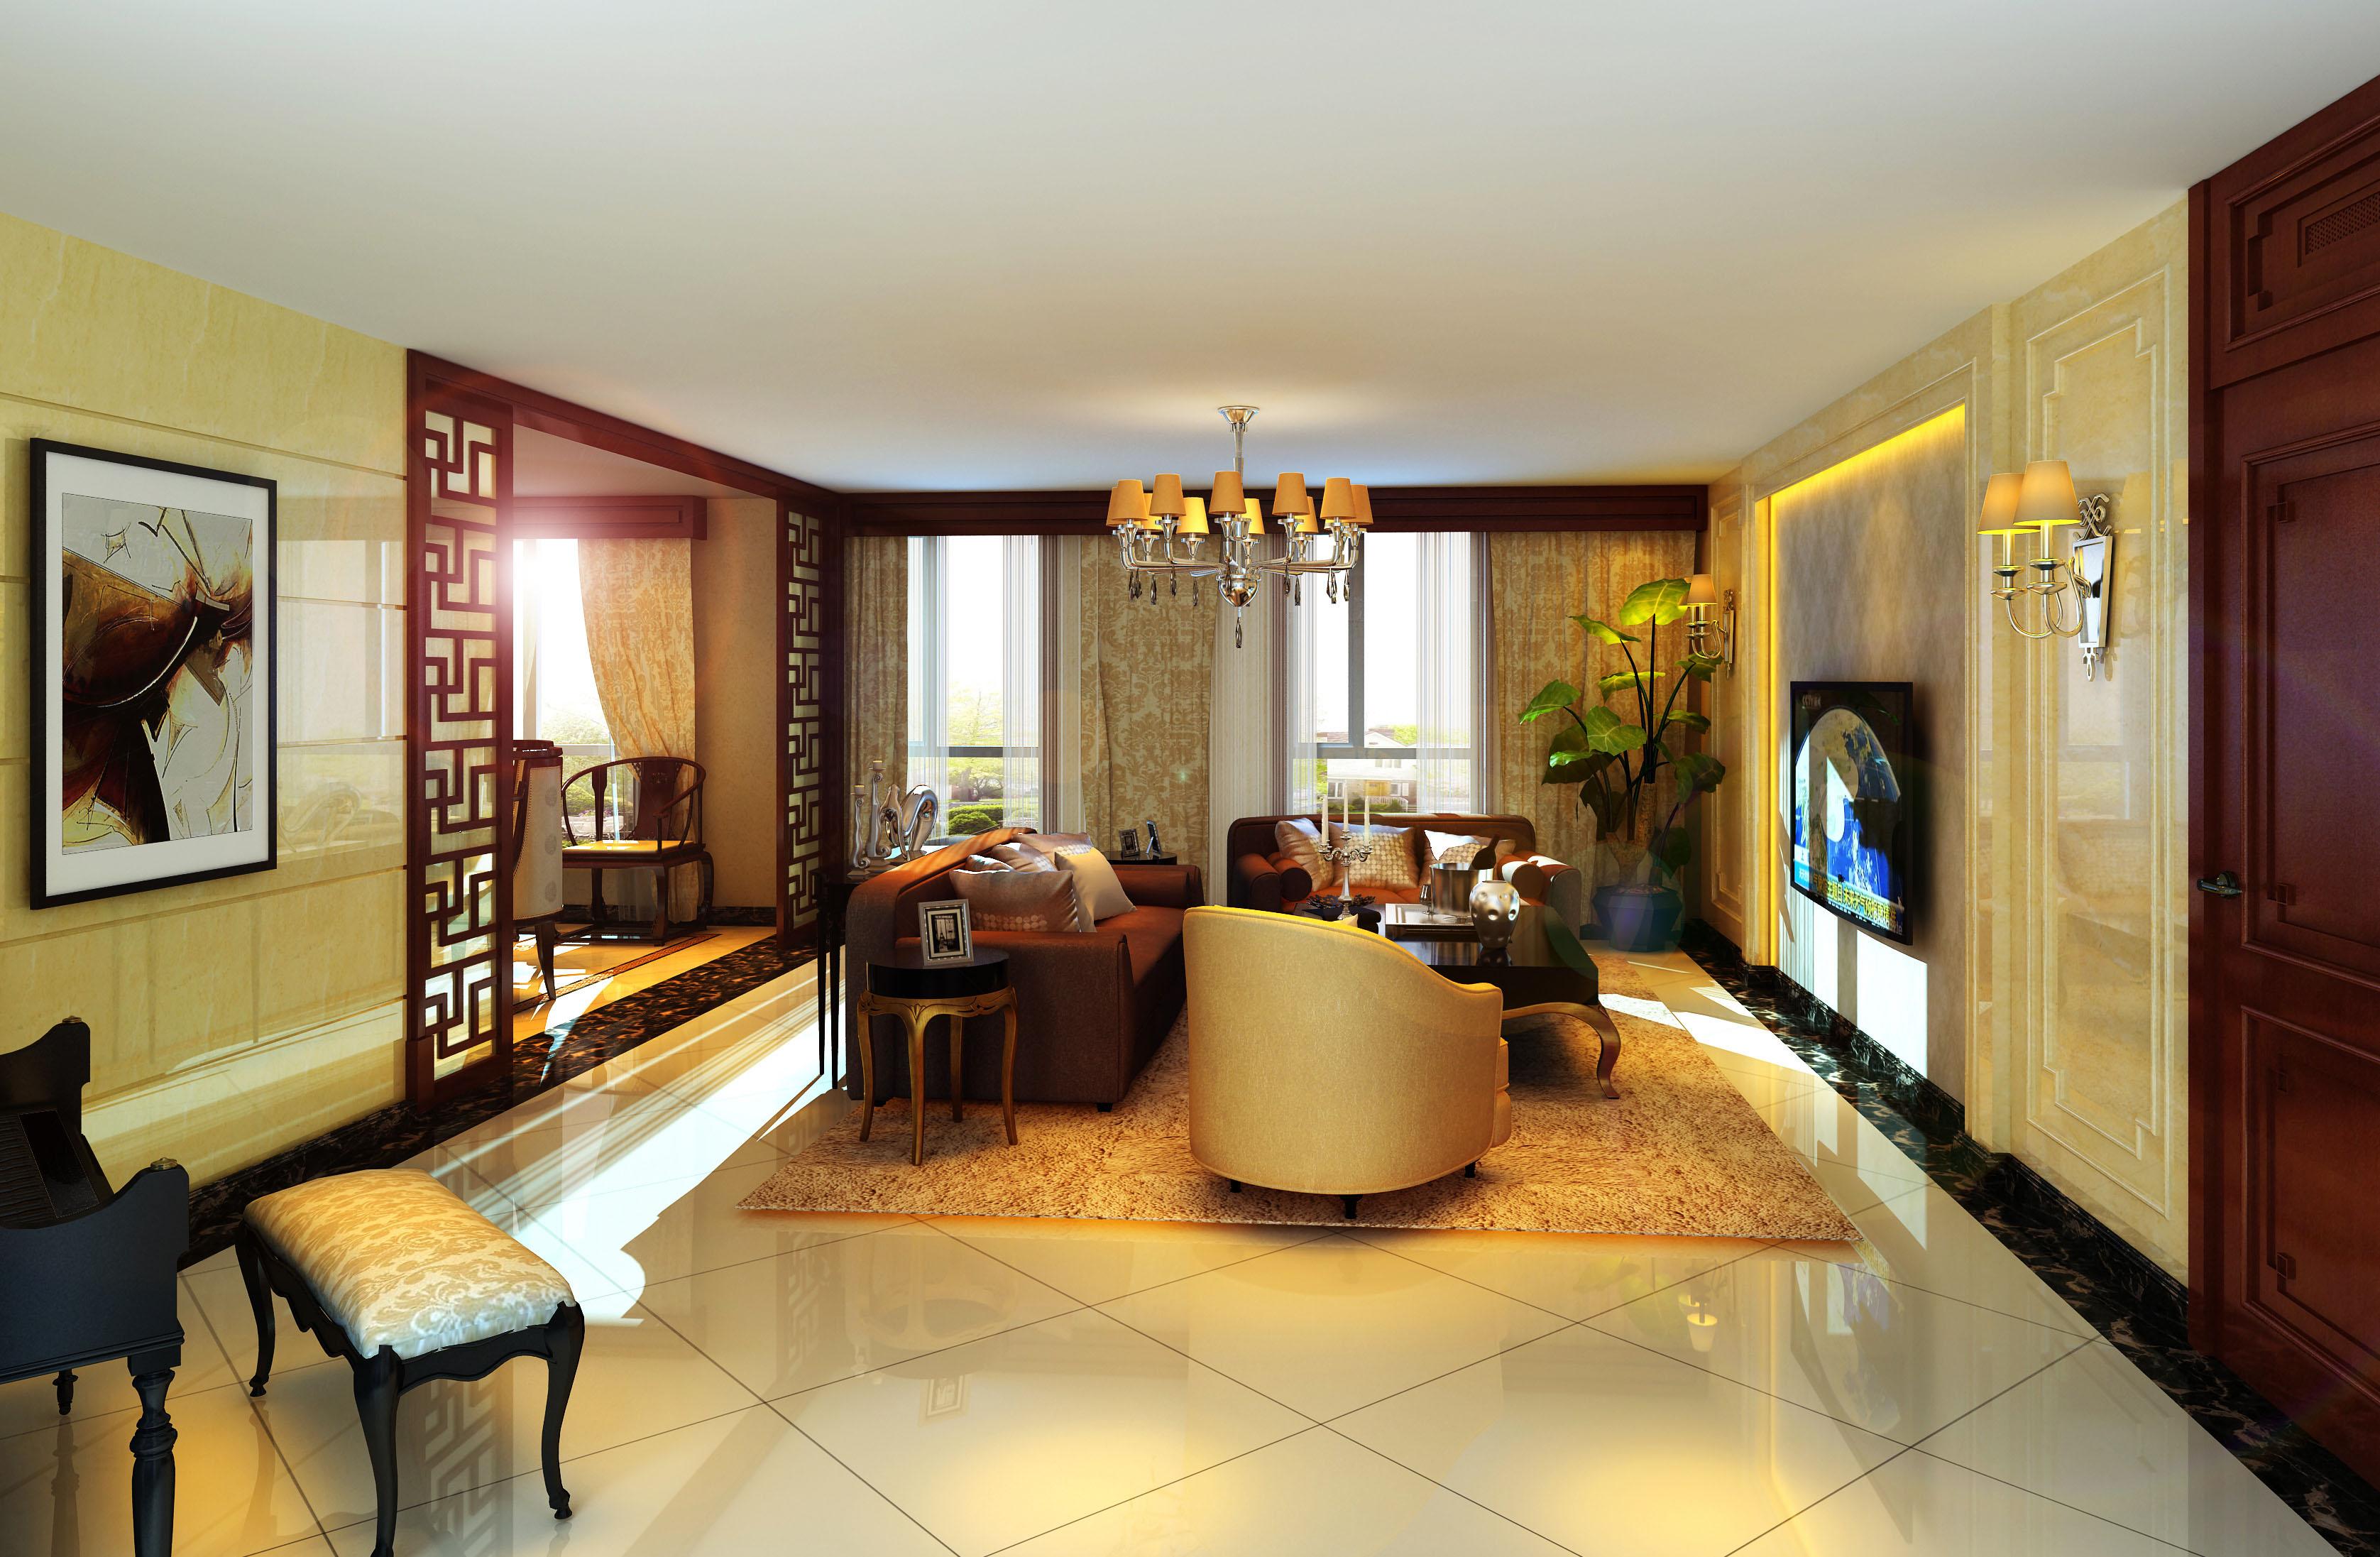 新中式 复式 客厅图片来自北京今朝装饰刘在东晶国际公寓新中式装饰设计的分享